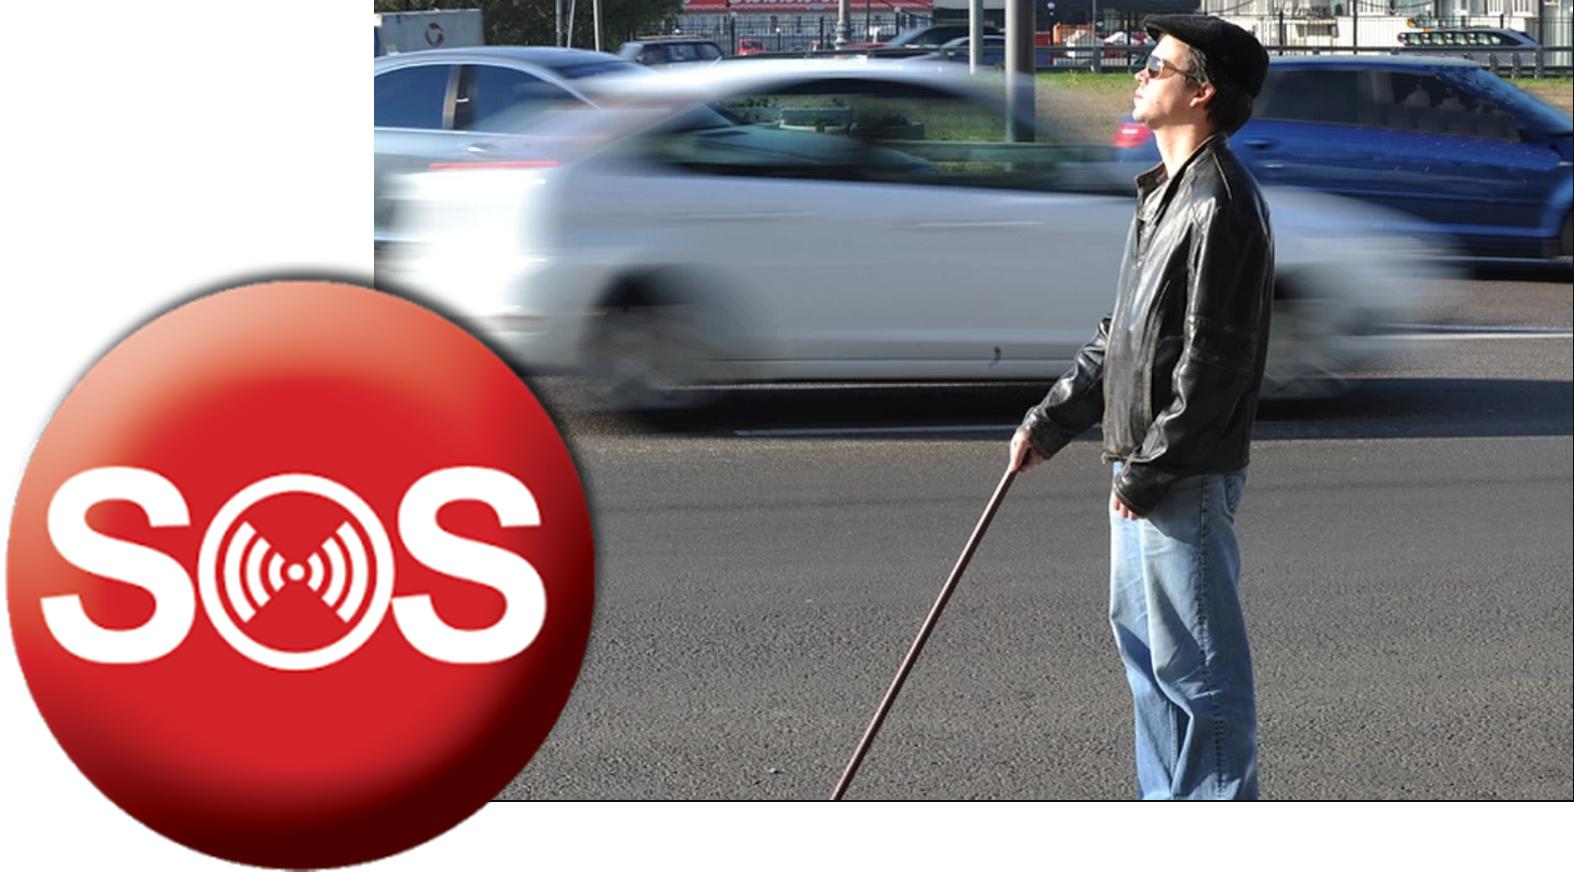 Отправка сообщения SOS в случае экстренных ситуаций